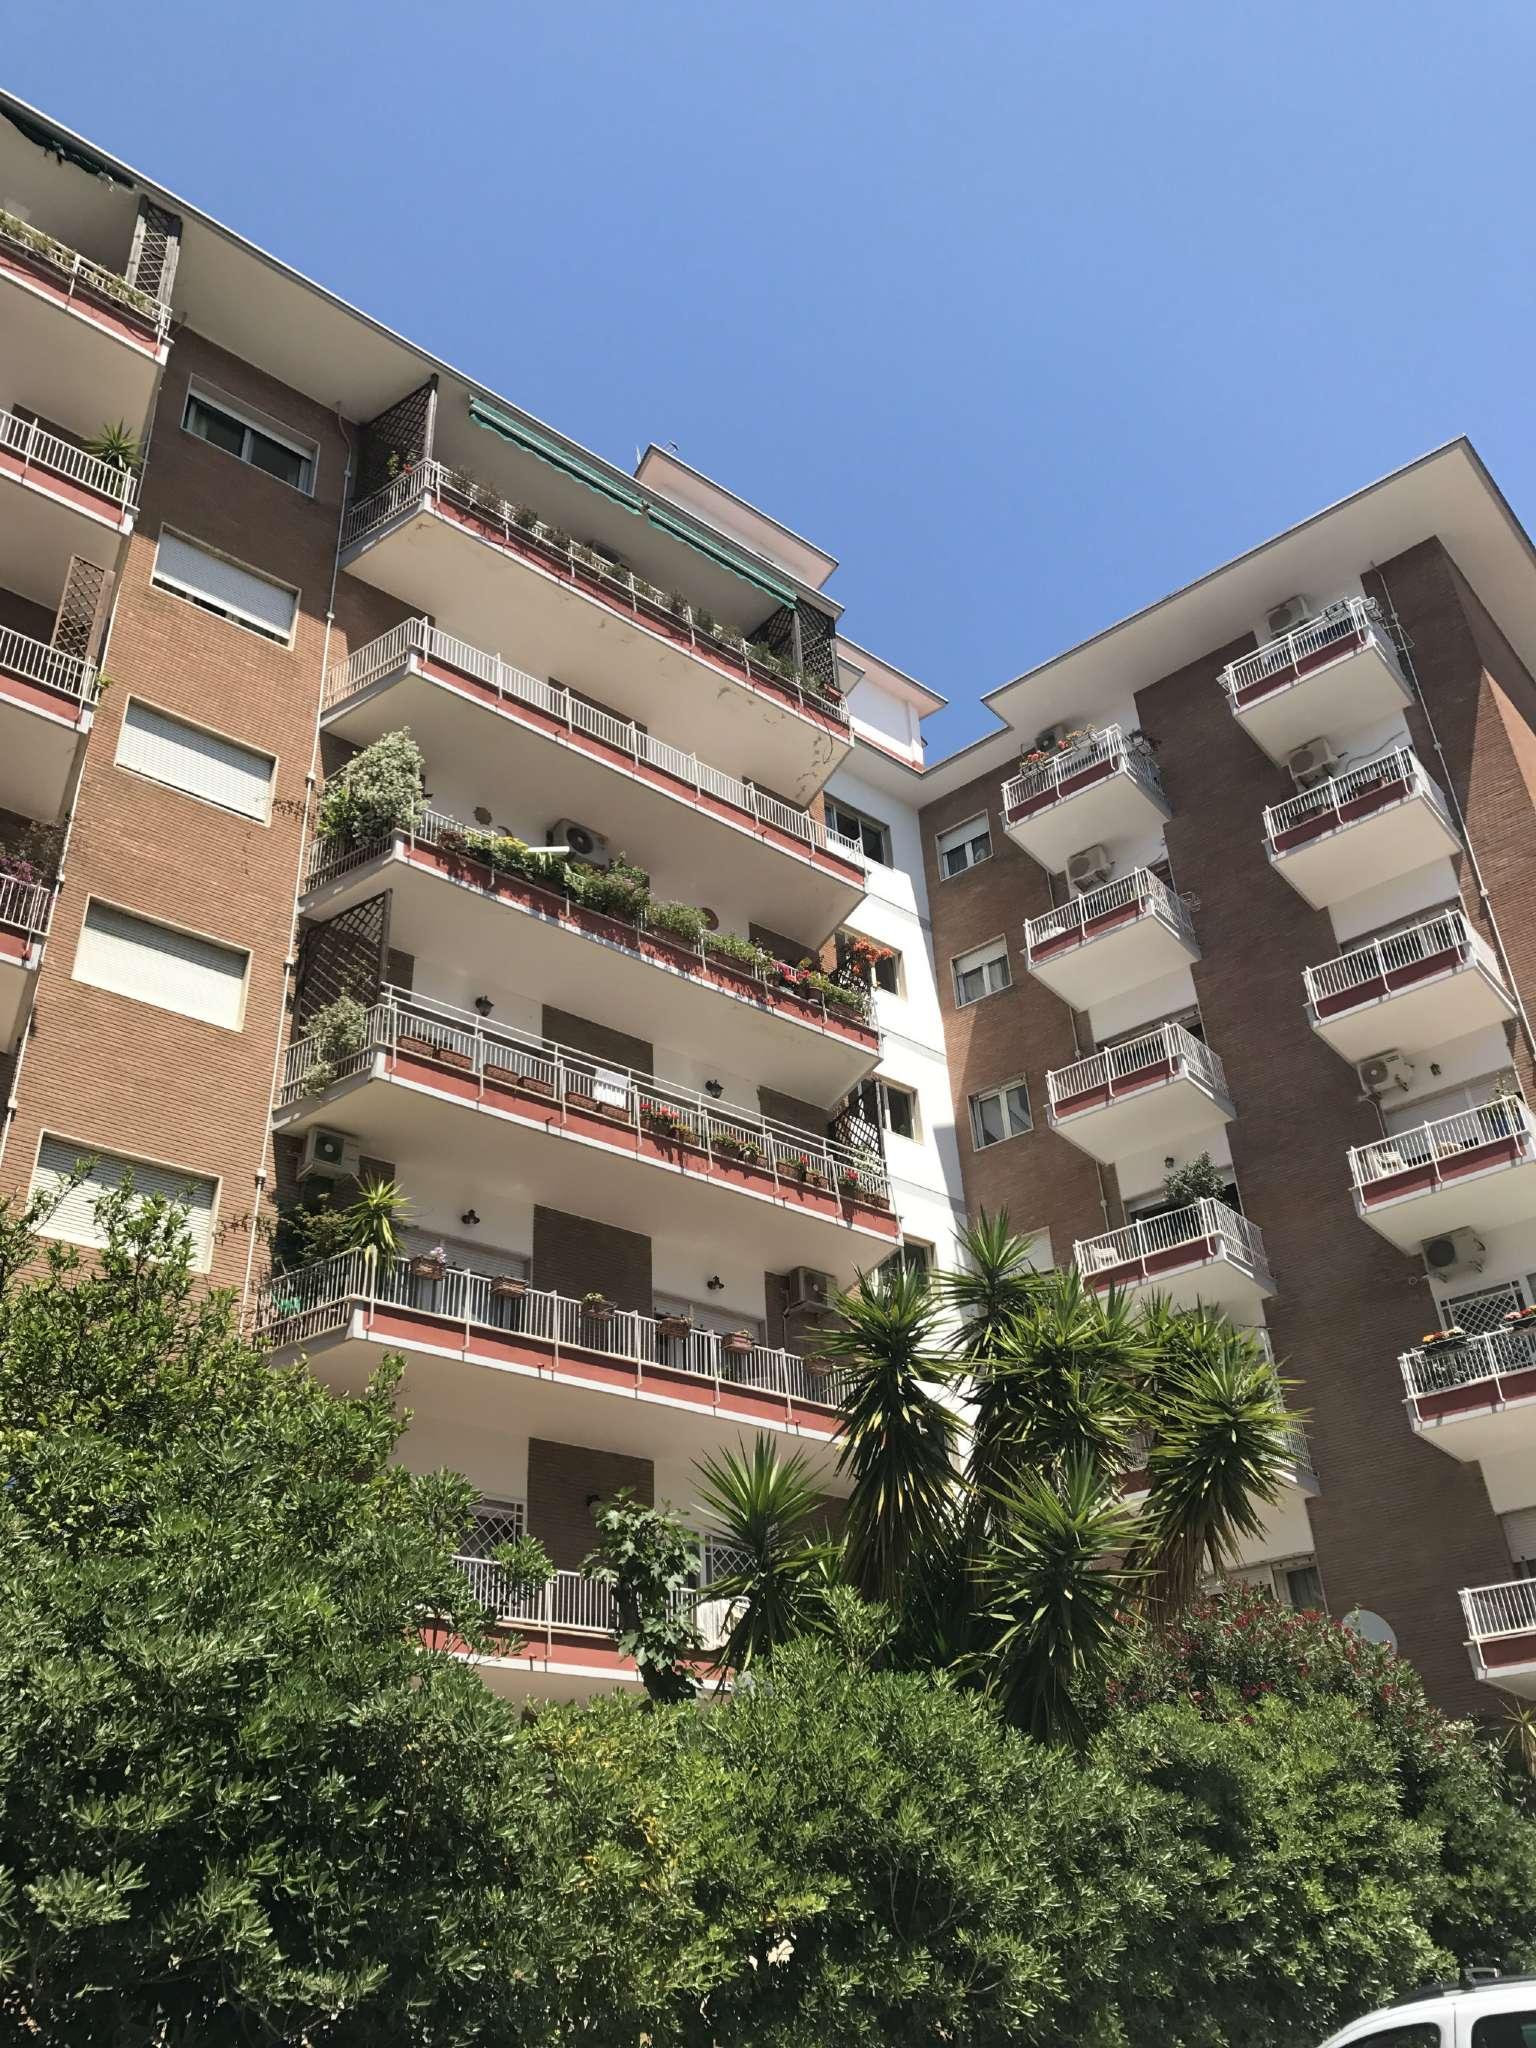 Attico / Mansarda in affitto a Napoli, 5 locali, zona Zona: 1 . Chiaia, Posillipo, San Ferdinando, prezzo € 1.700 | CambioCasa.it